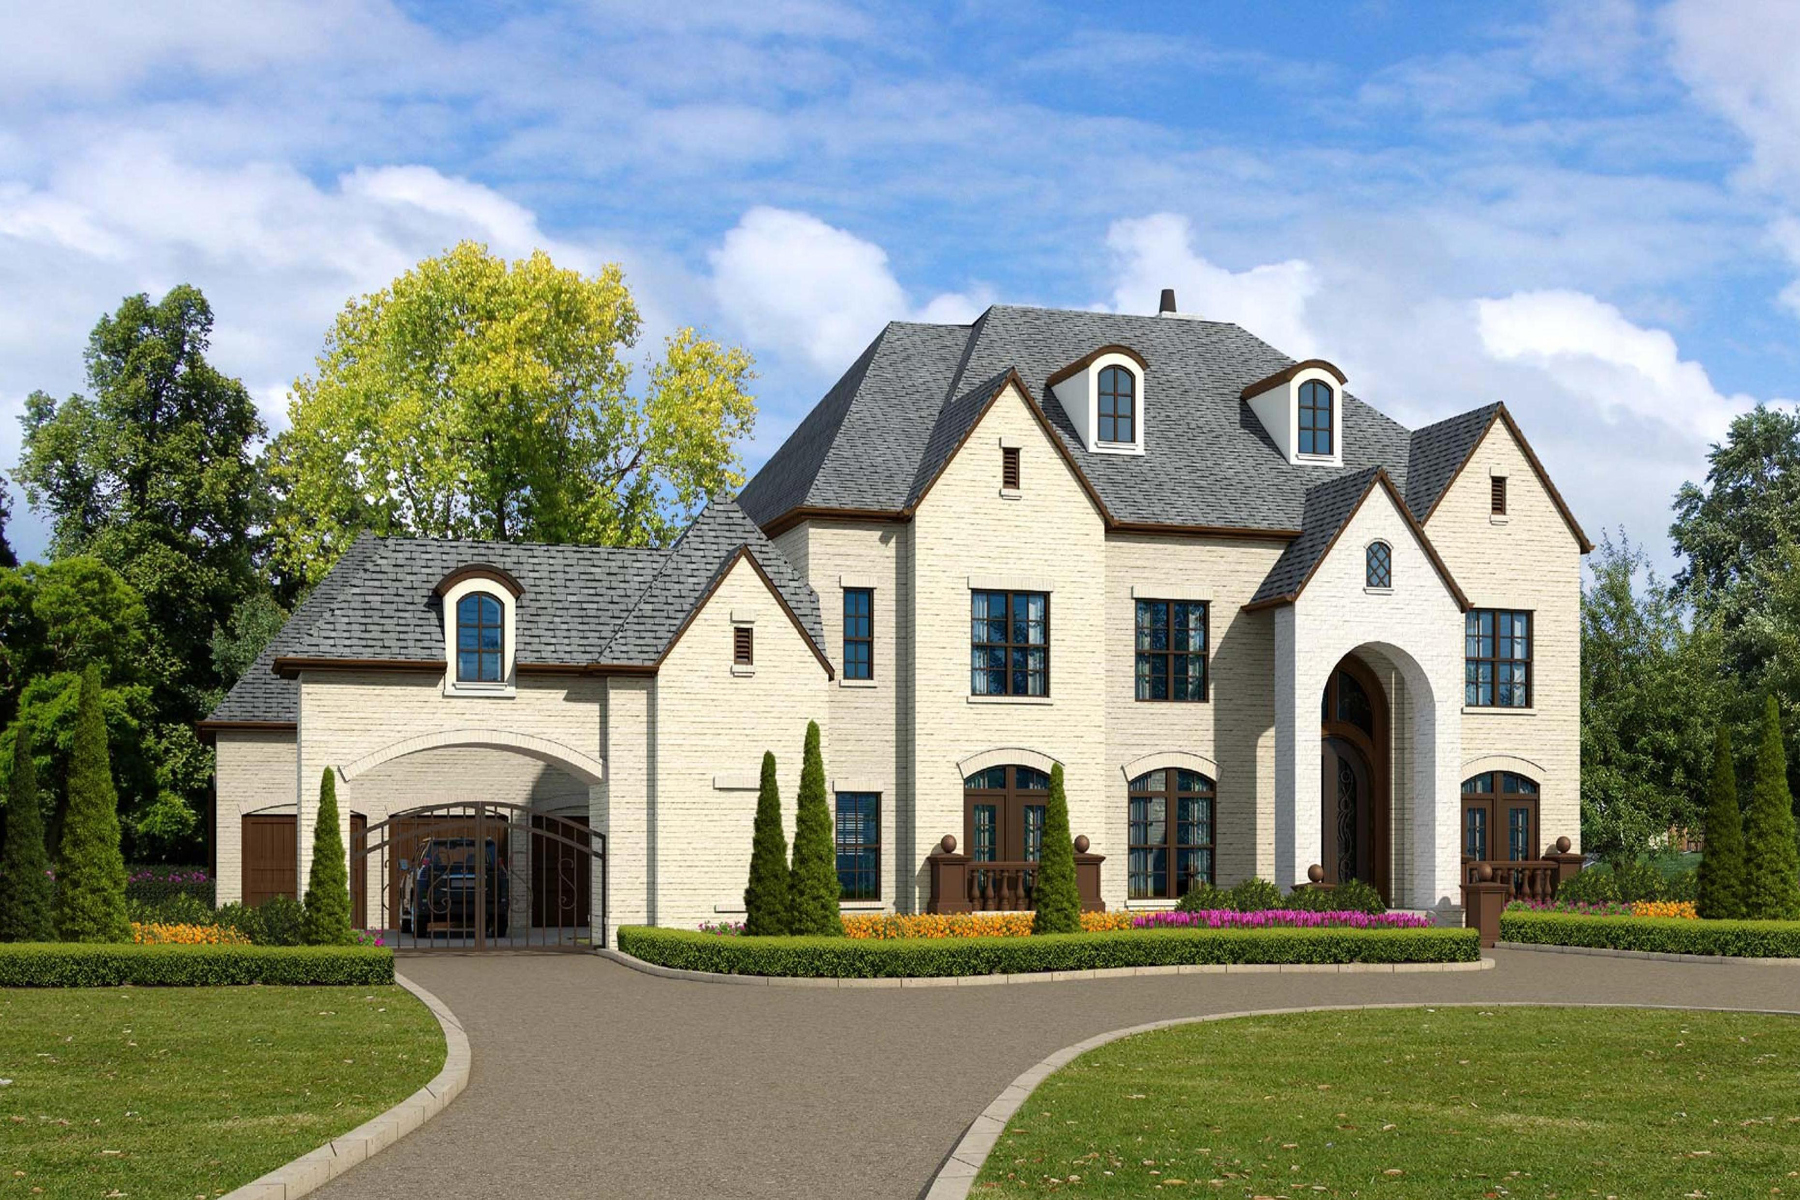 단독 가정 주택 용 매매 에 Brand New Custom Built Home In North Buckhead 479 Loridans Drive NE North Buckhead, Atlanta, 조지아, 30342 미국